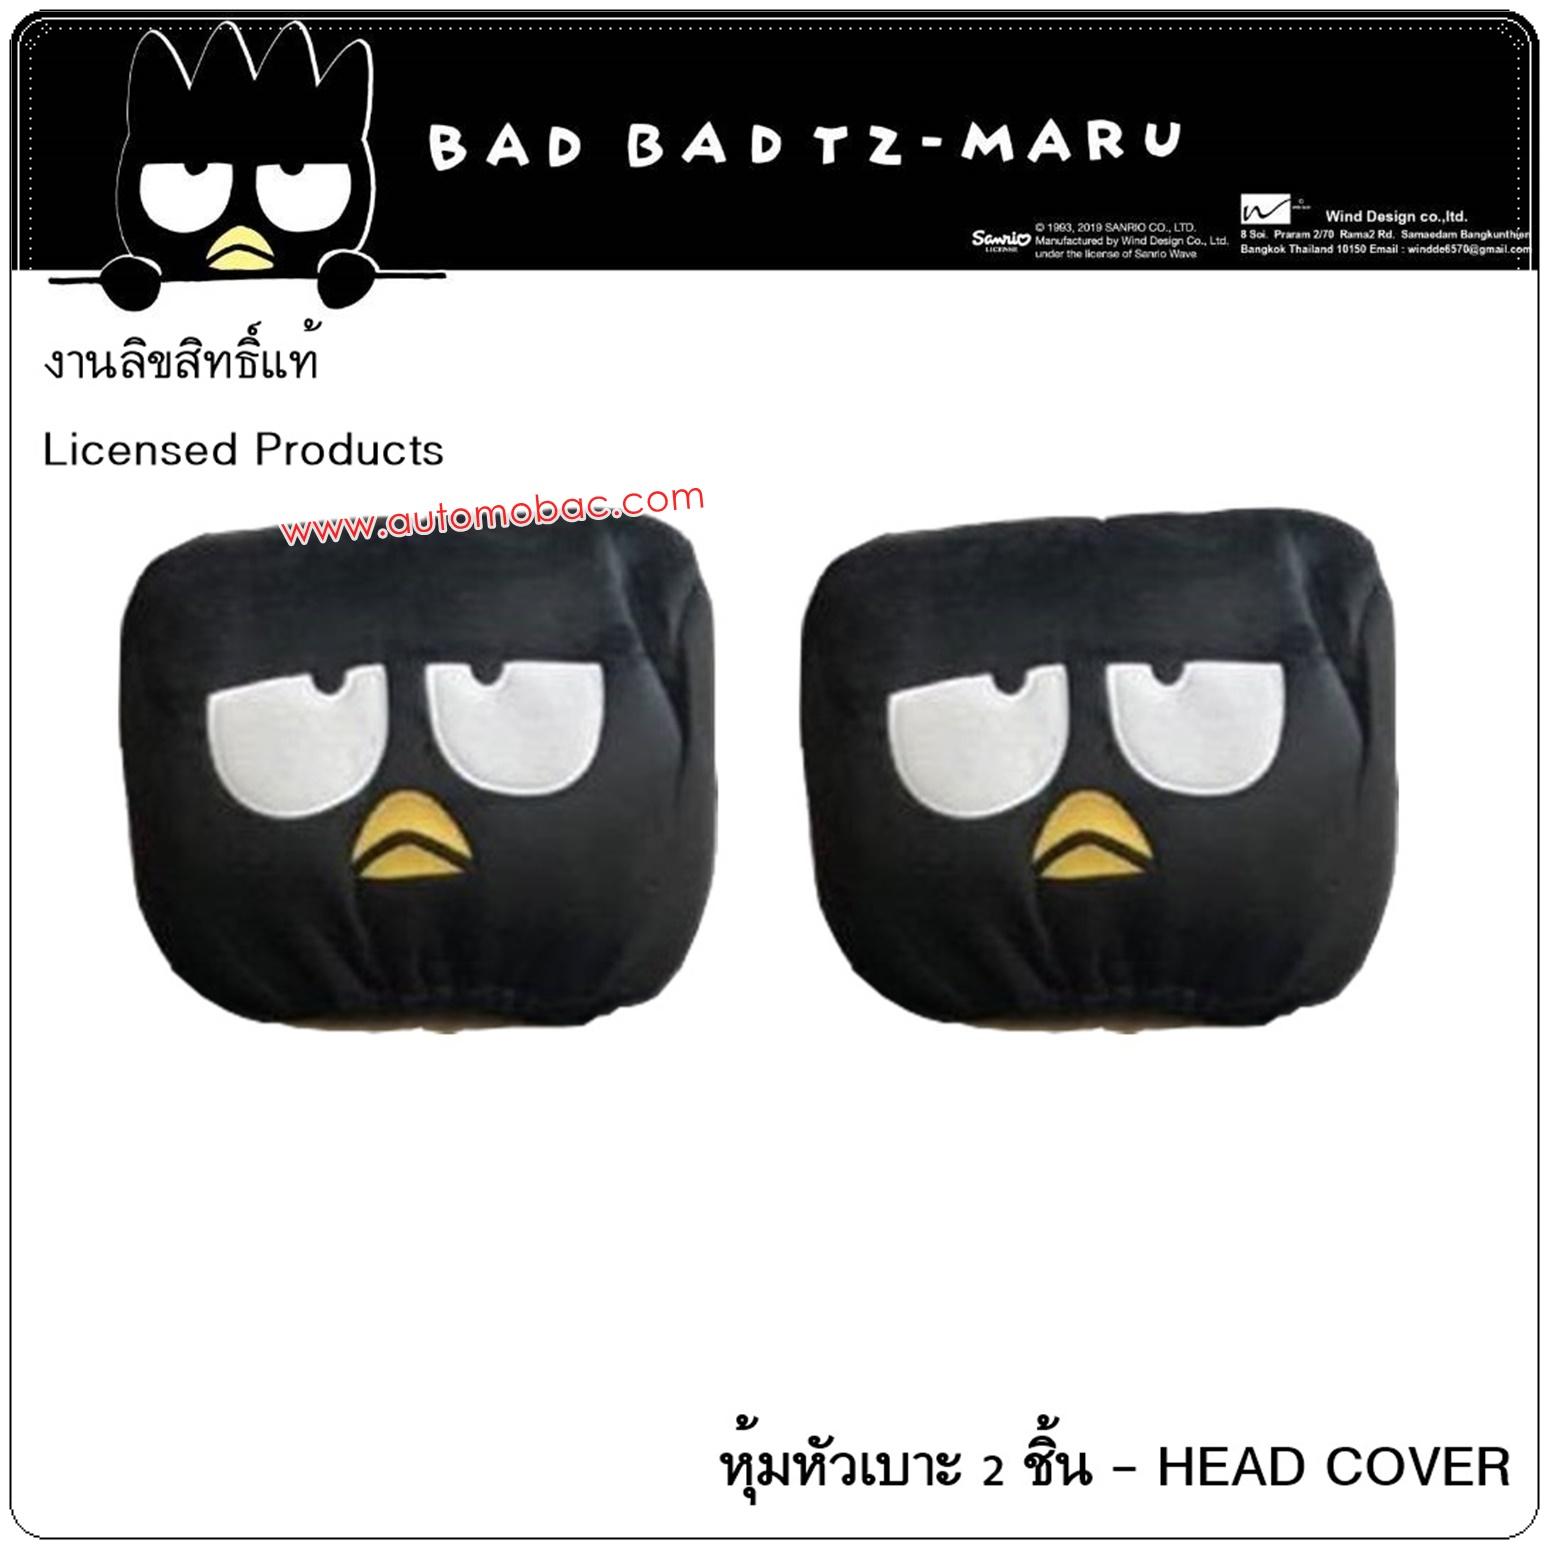 Bad Badtz-Maru BLACK แบดมารุ สีดำ ที่หุ้มหัวเบาะ 2 ชิ้น ลิขสิทธิ์แท้ ป้องกันสิ่งสกปรก สวยงาม